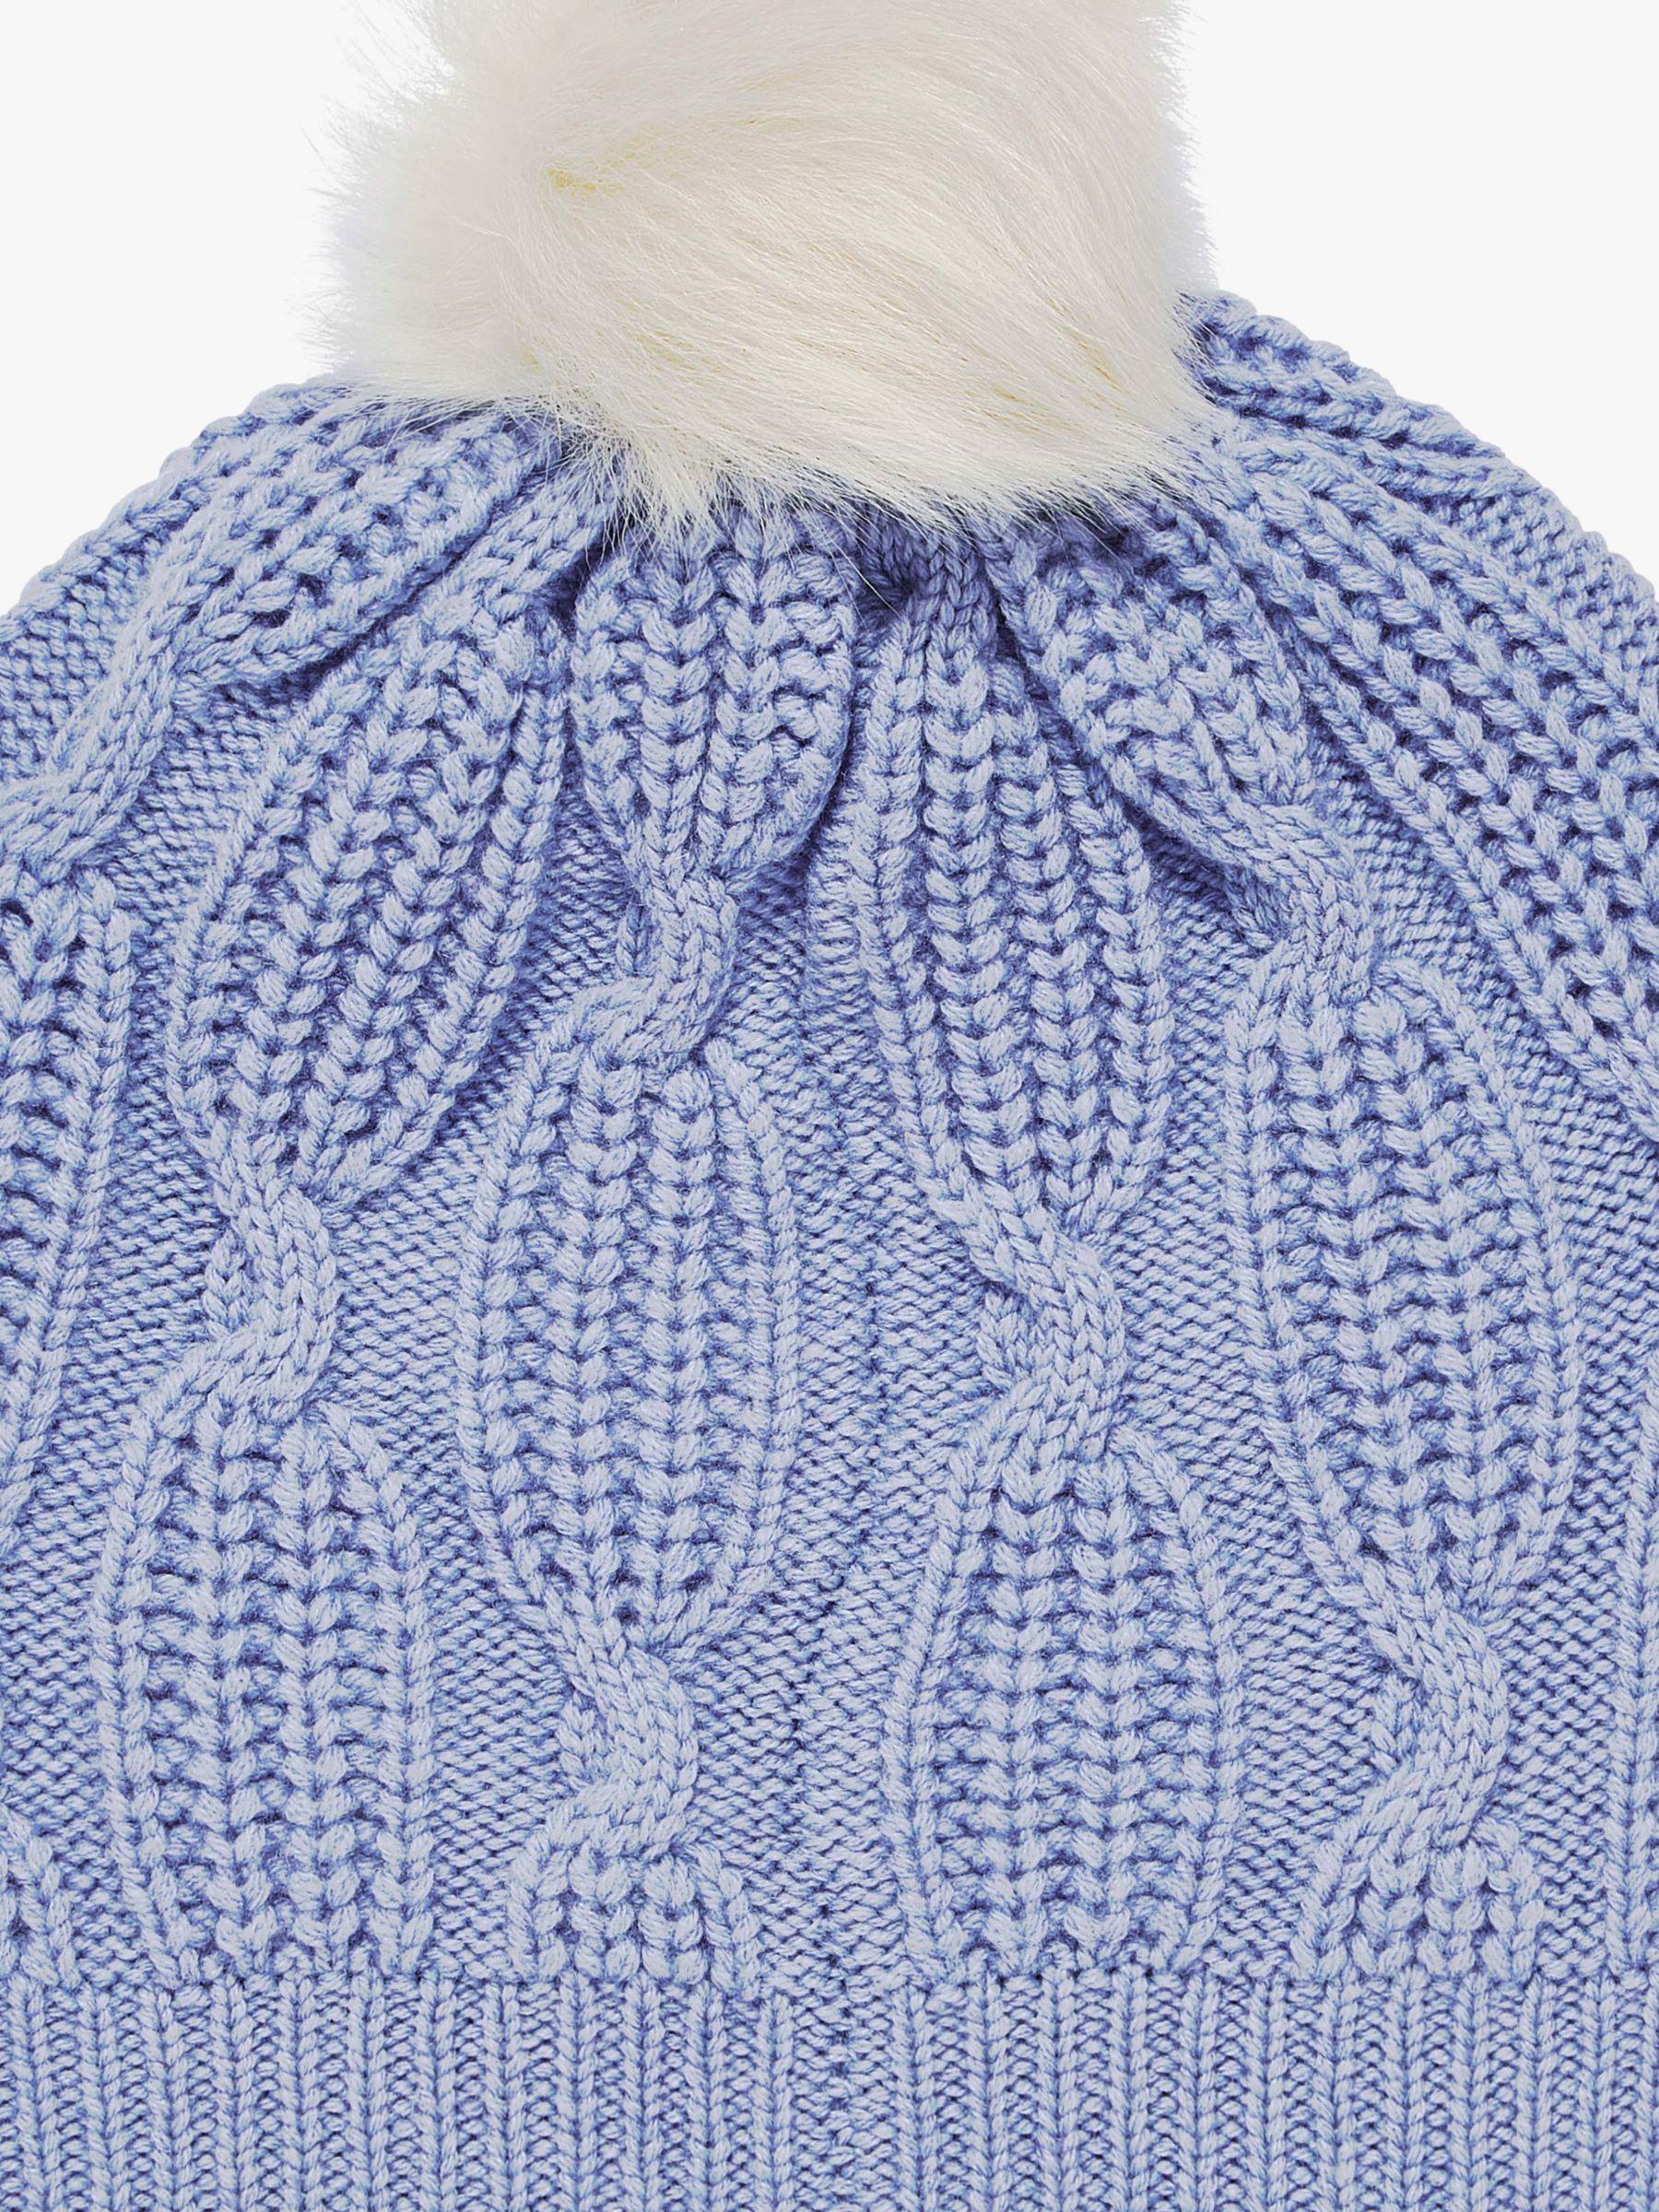 f64b6dcc5194ca Brora Cashmere Knit Pom-pom Beanie Hat in Blue - Lyst